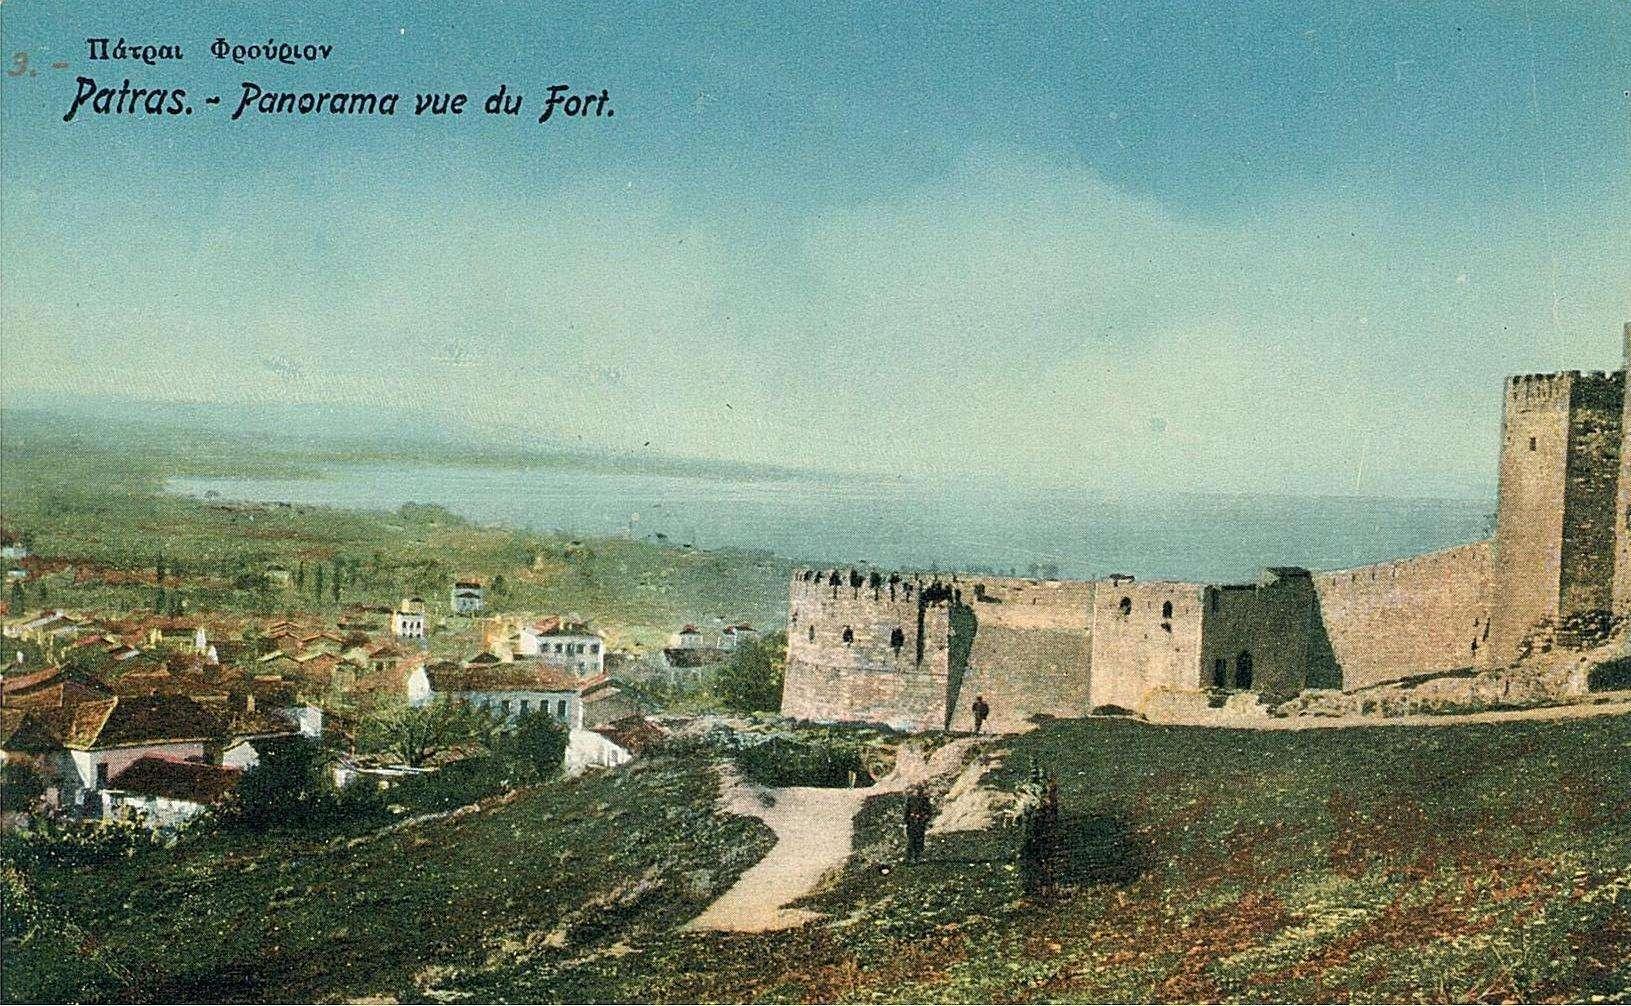 Όψη του κάστρου της Πάτρας σε φωτογραφία του 19ου αιώνα. Η κατασκευή των τειχών χρονολογείται από τα μέσα του 6ου αιώνα.